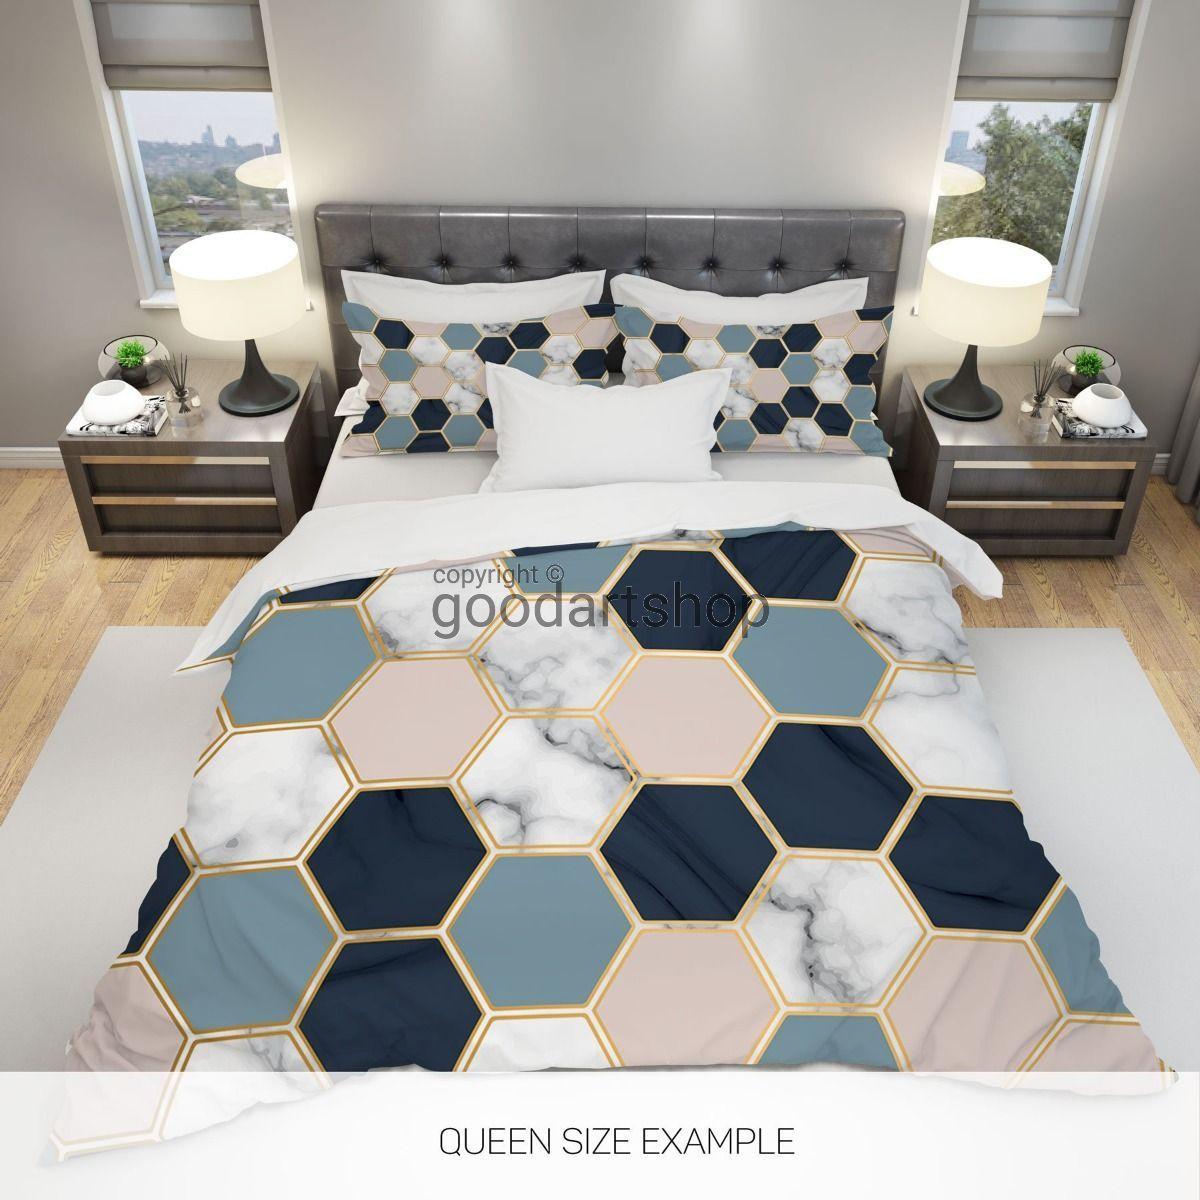 Pin By Nicoletaneff On Room Ideas Marble Duvet Cover Duvet Cover Master Bedroom Geometric Bedding